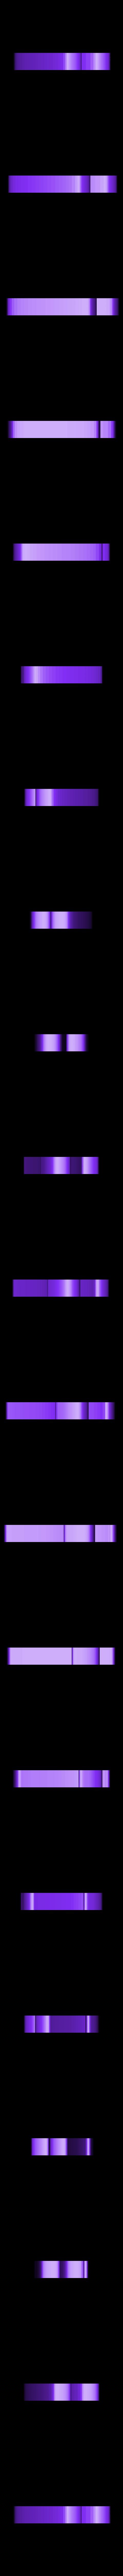 """N-2.stl Télécharger fichier STL gratuit LED light letters """"Why not?"""" • Objet pour impression 3D, dukedoks"""